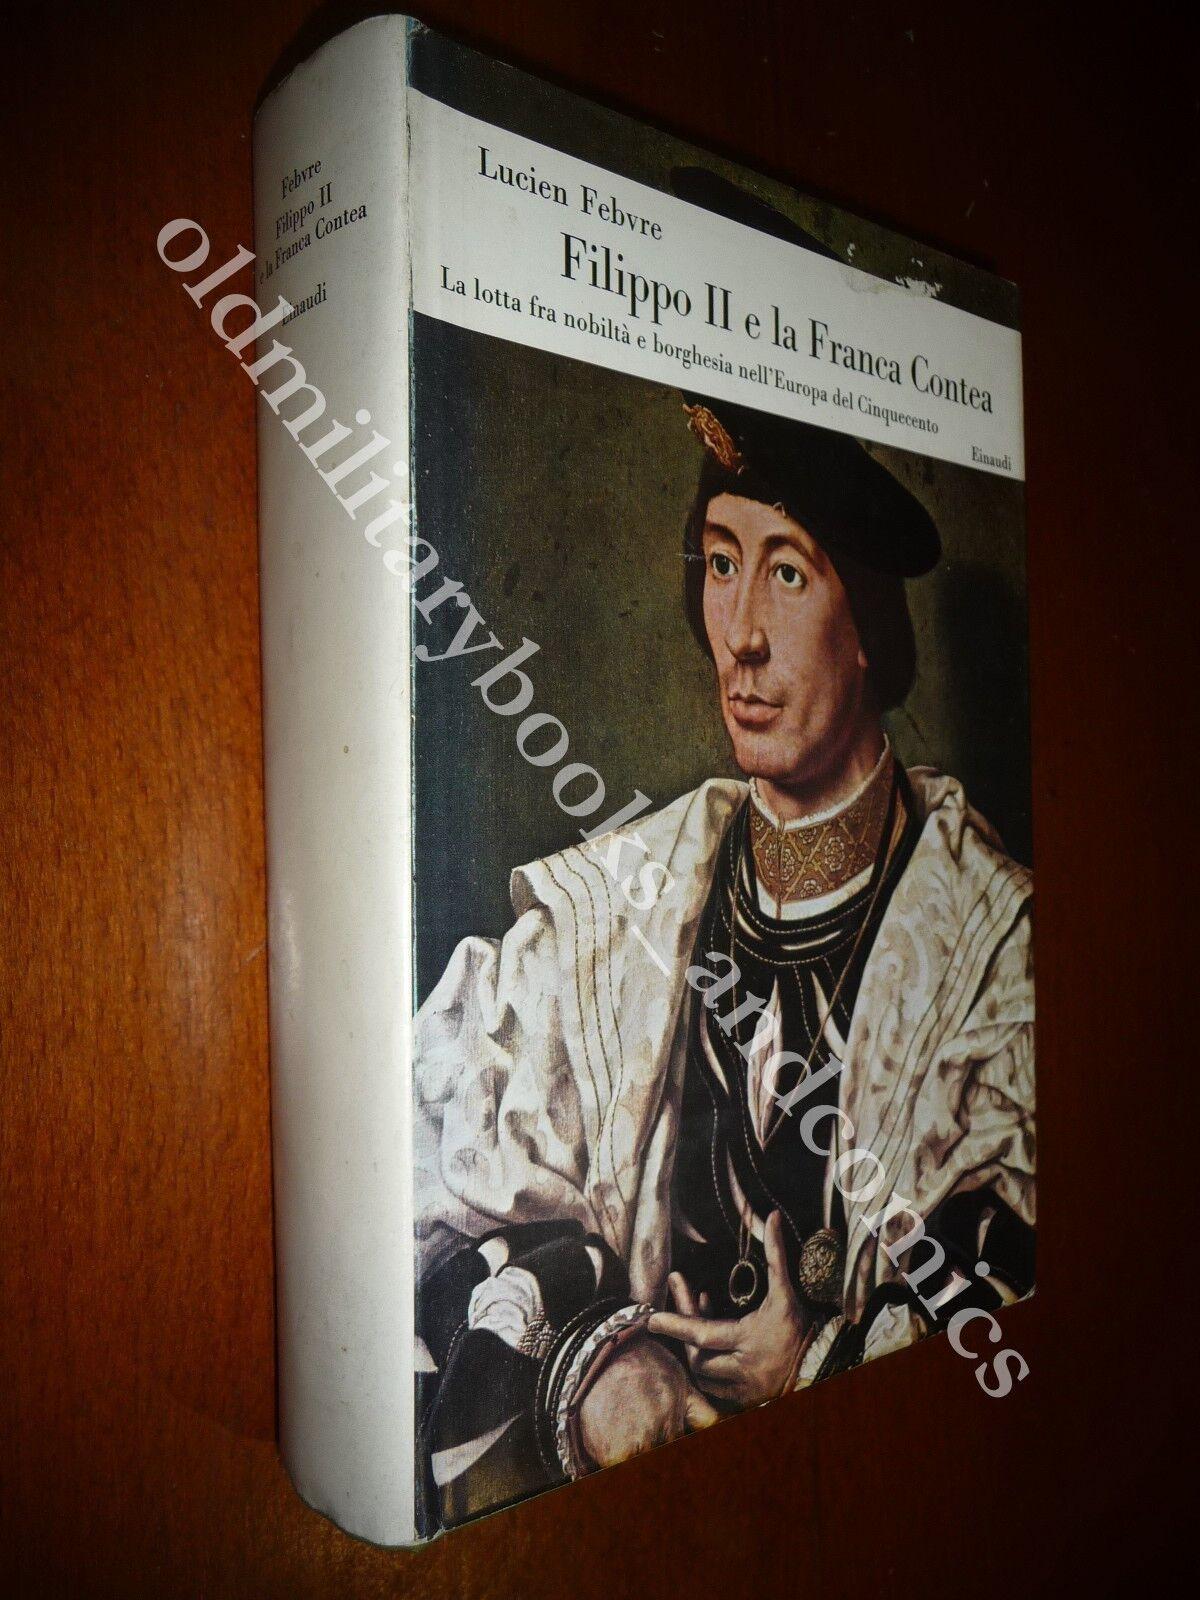 FILIPPO II E LA FRANCA CONTEA LA LOTTA FRA NOBILTA' E BORGHESIA LUCIAN FEBVRE